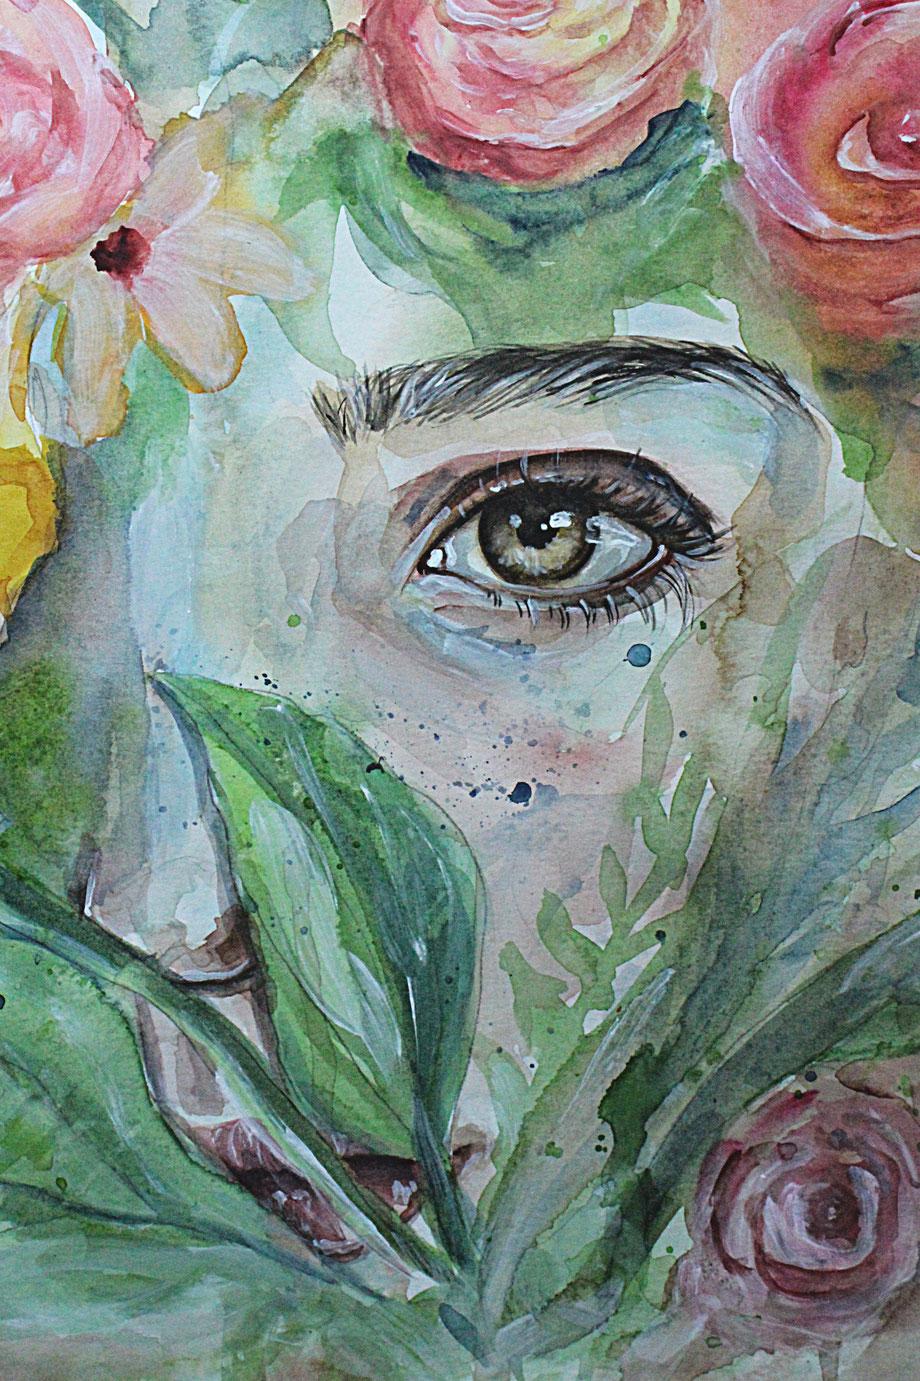 Aquarell watercolor und Acryl Portrait Malerei eines Mädchens mit Auge und floralem Muster